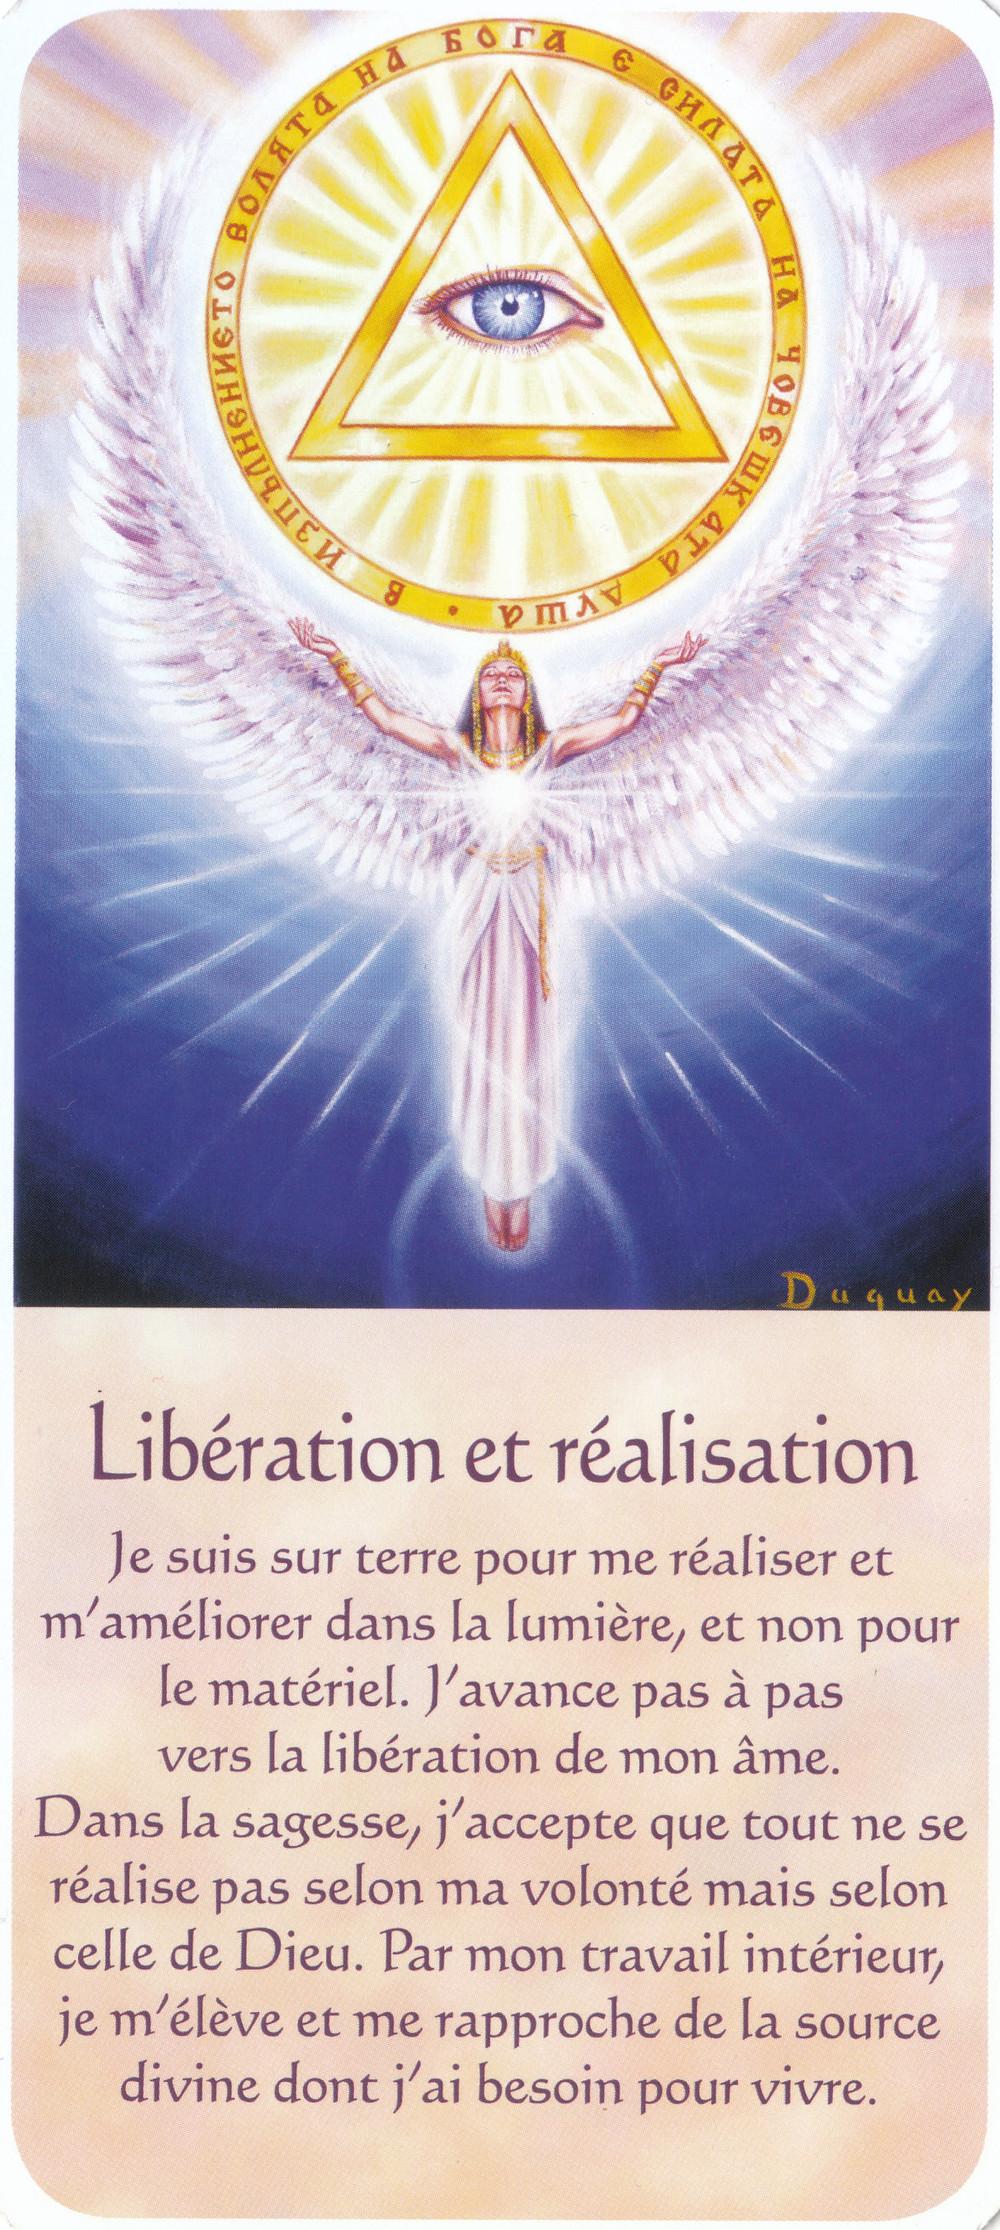 Carte de Messages d'Eveil, de Mario Duguay - Libération et réalisation - Conseils du 22 avril 2020 - Portail énergétique du 4-4-4